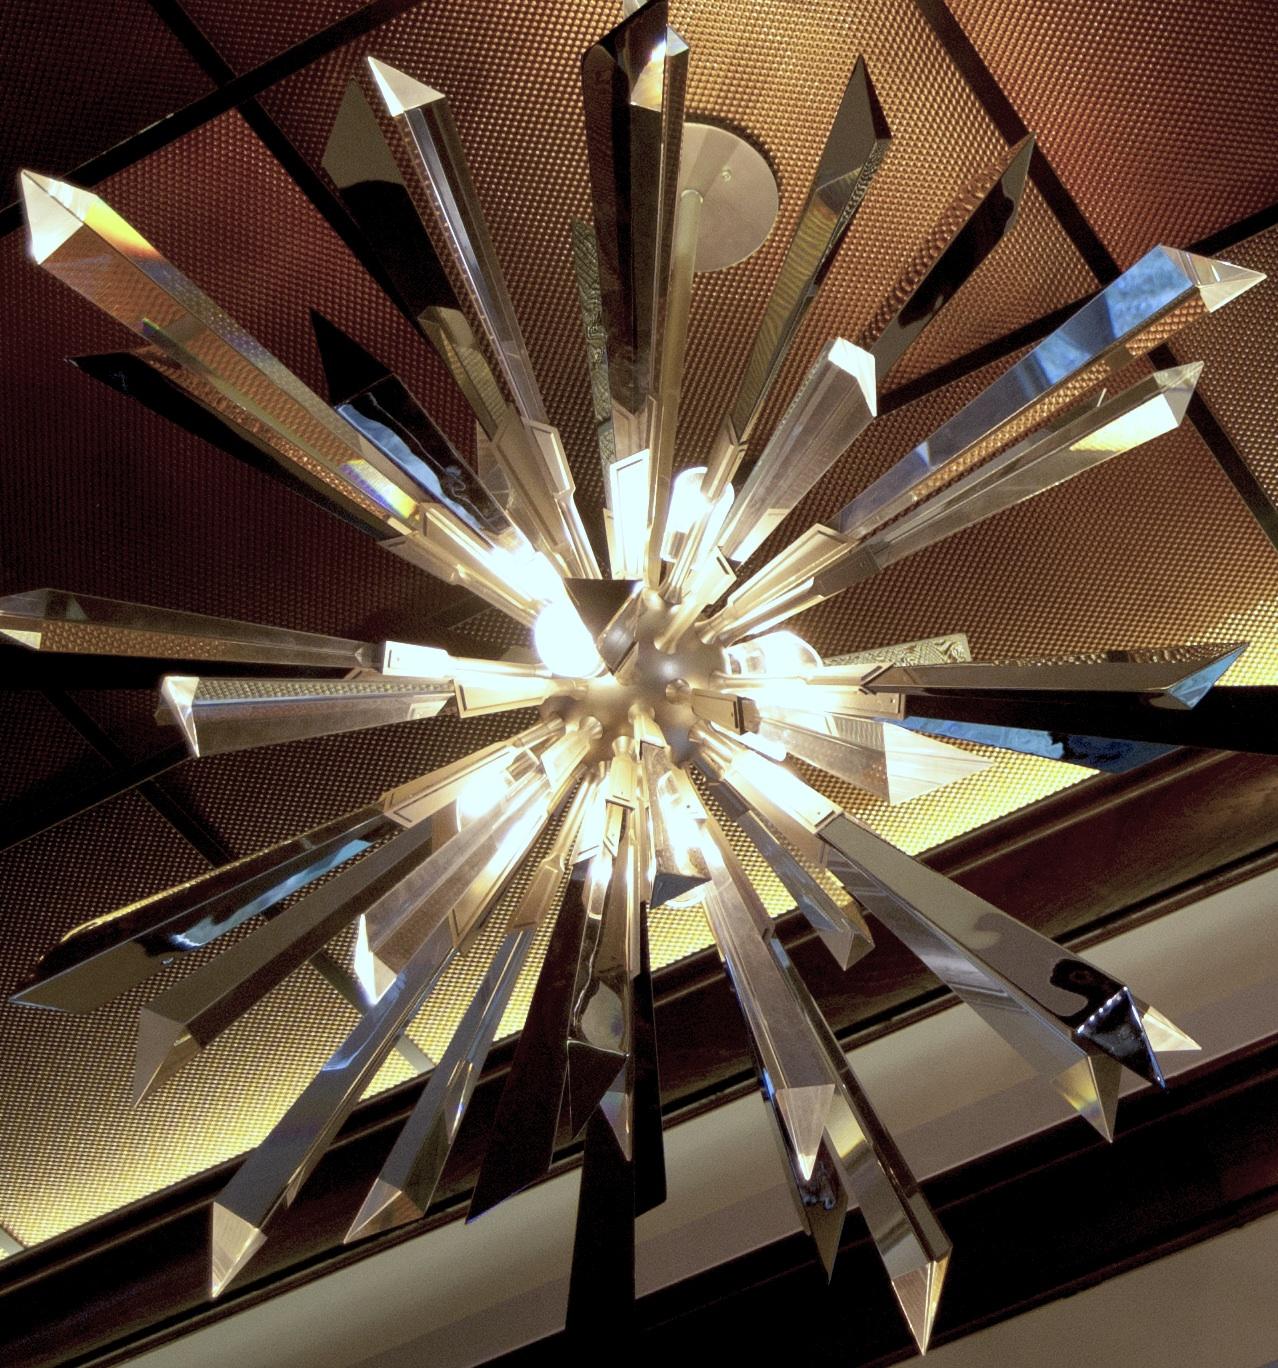 KD's chandelier